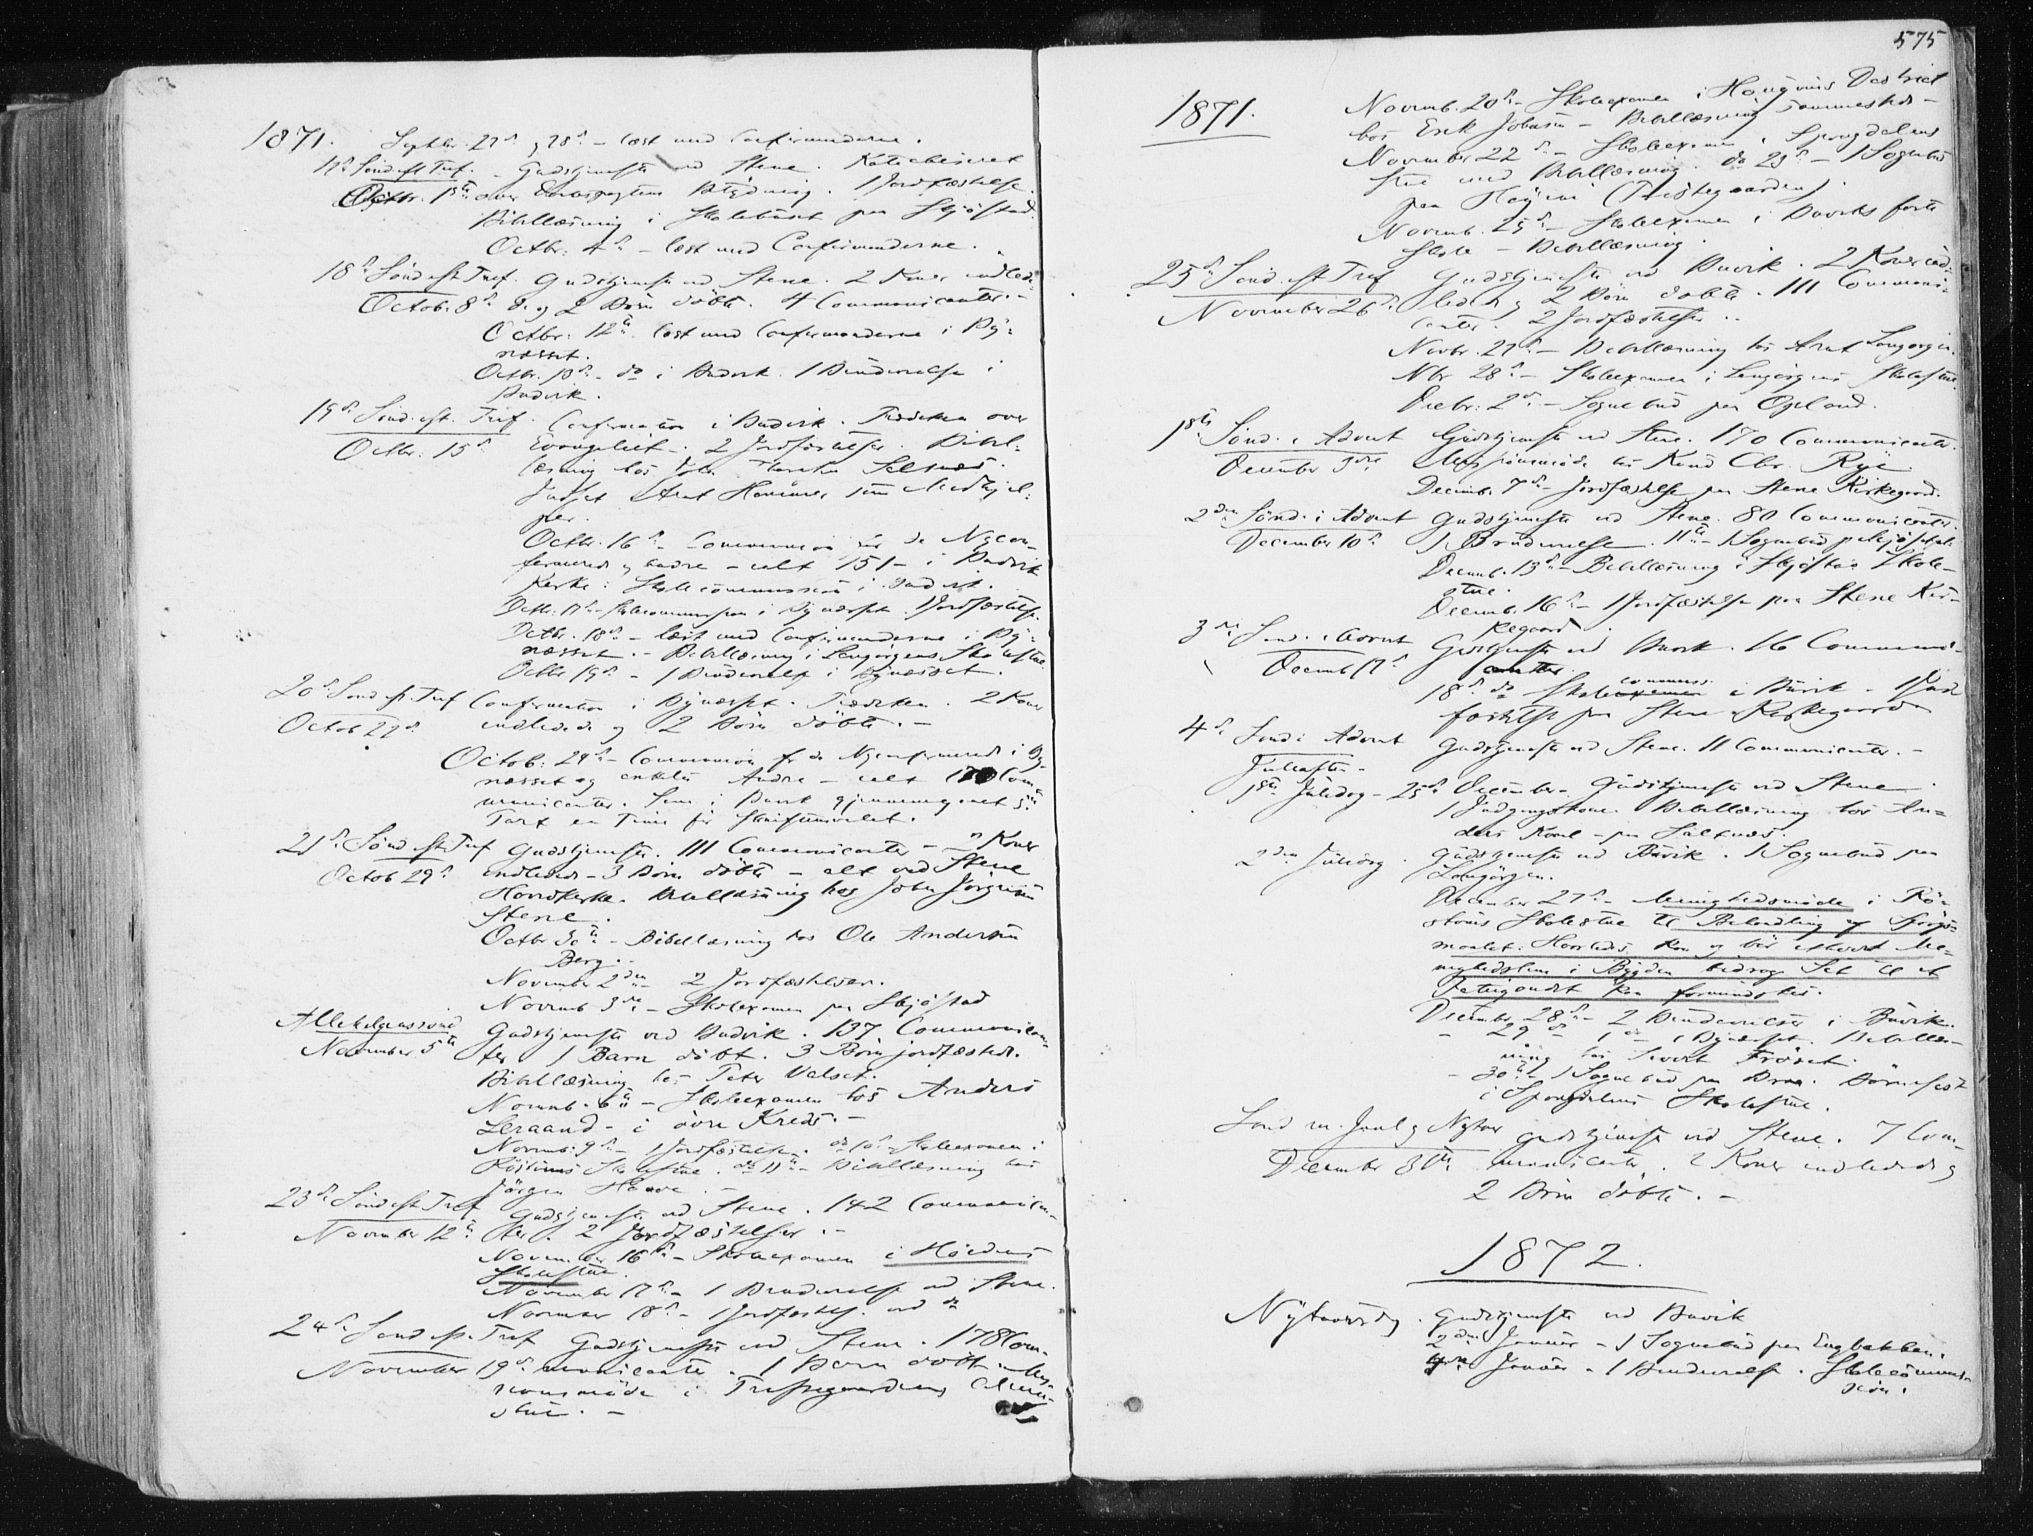 SAT, Ministerialprotokoller, klokkerbøker og fødselsregistre - Sør-Trøndelag, 612/L0377: Ministerialbok nr. 612A09, 1859-1877, s. 575